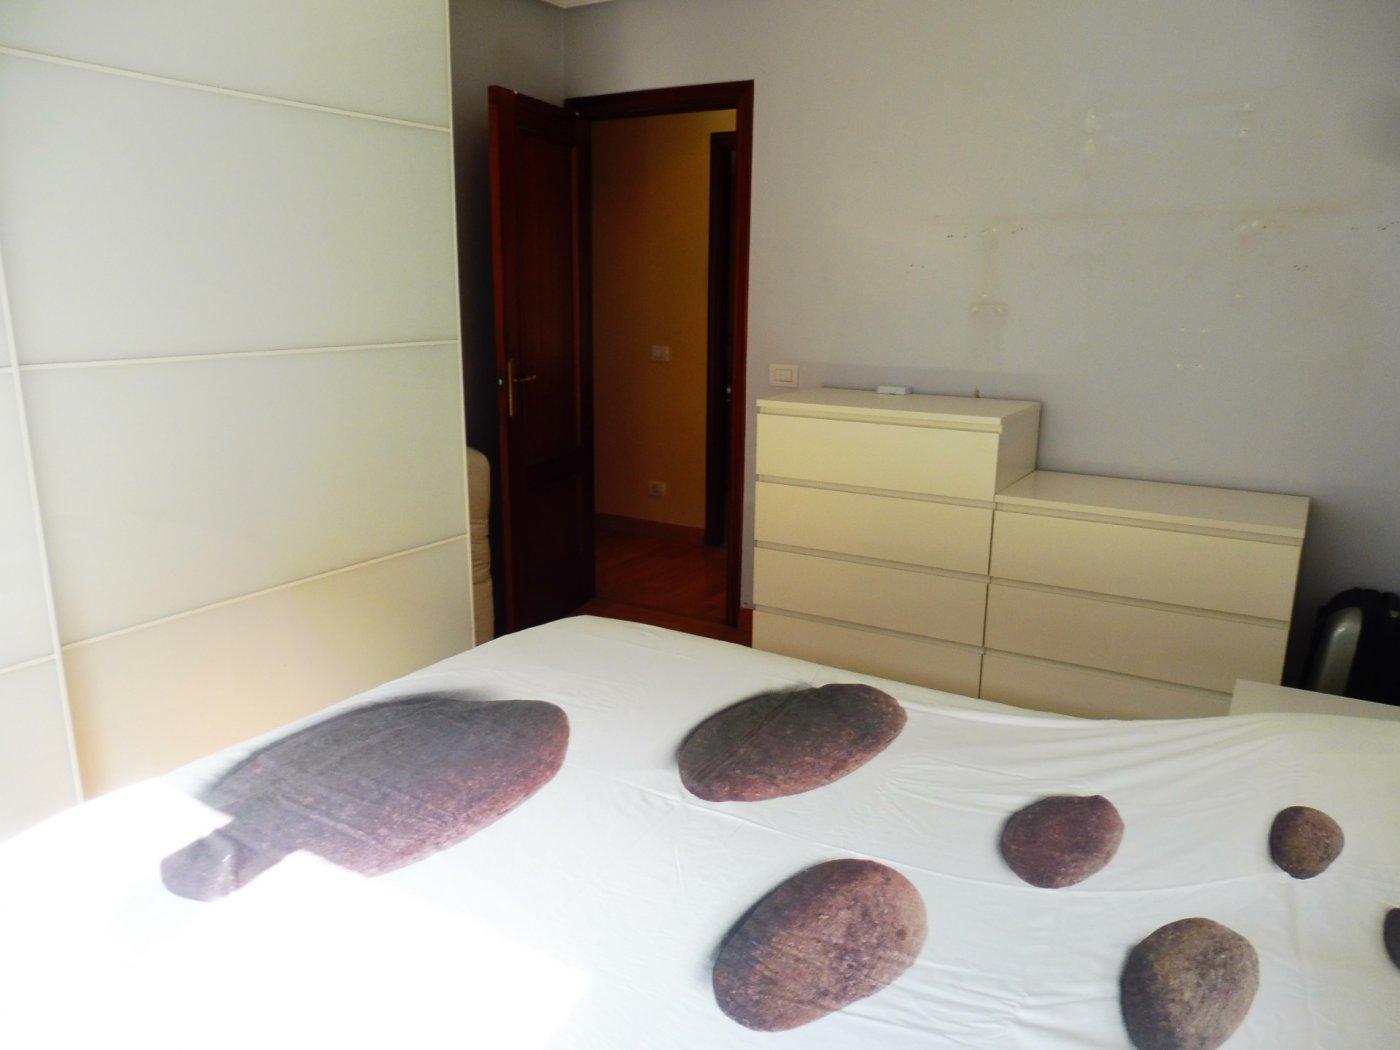 Amplio piso enfrente del centro de salud de perchera en nuevo gijón - imagenInmueble16